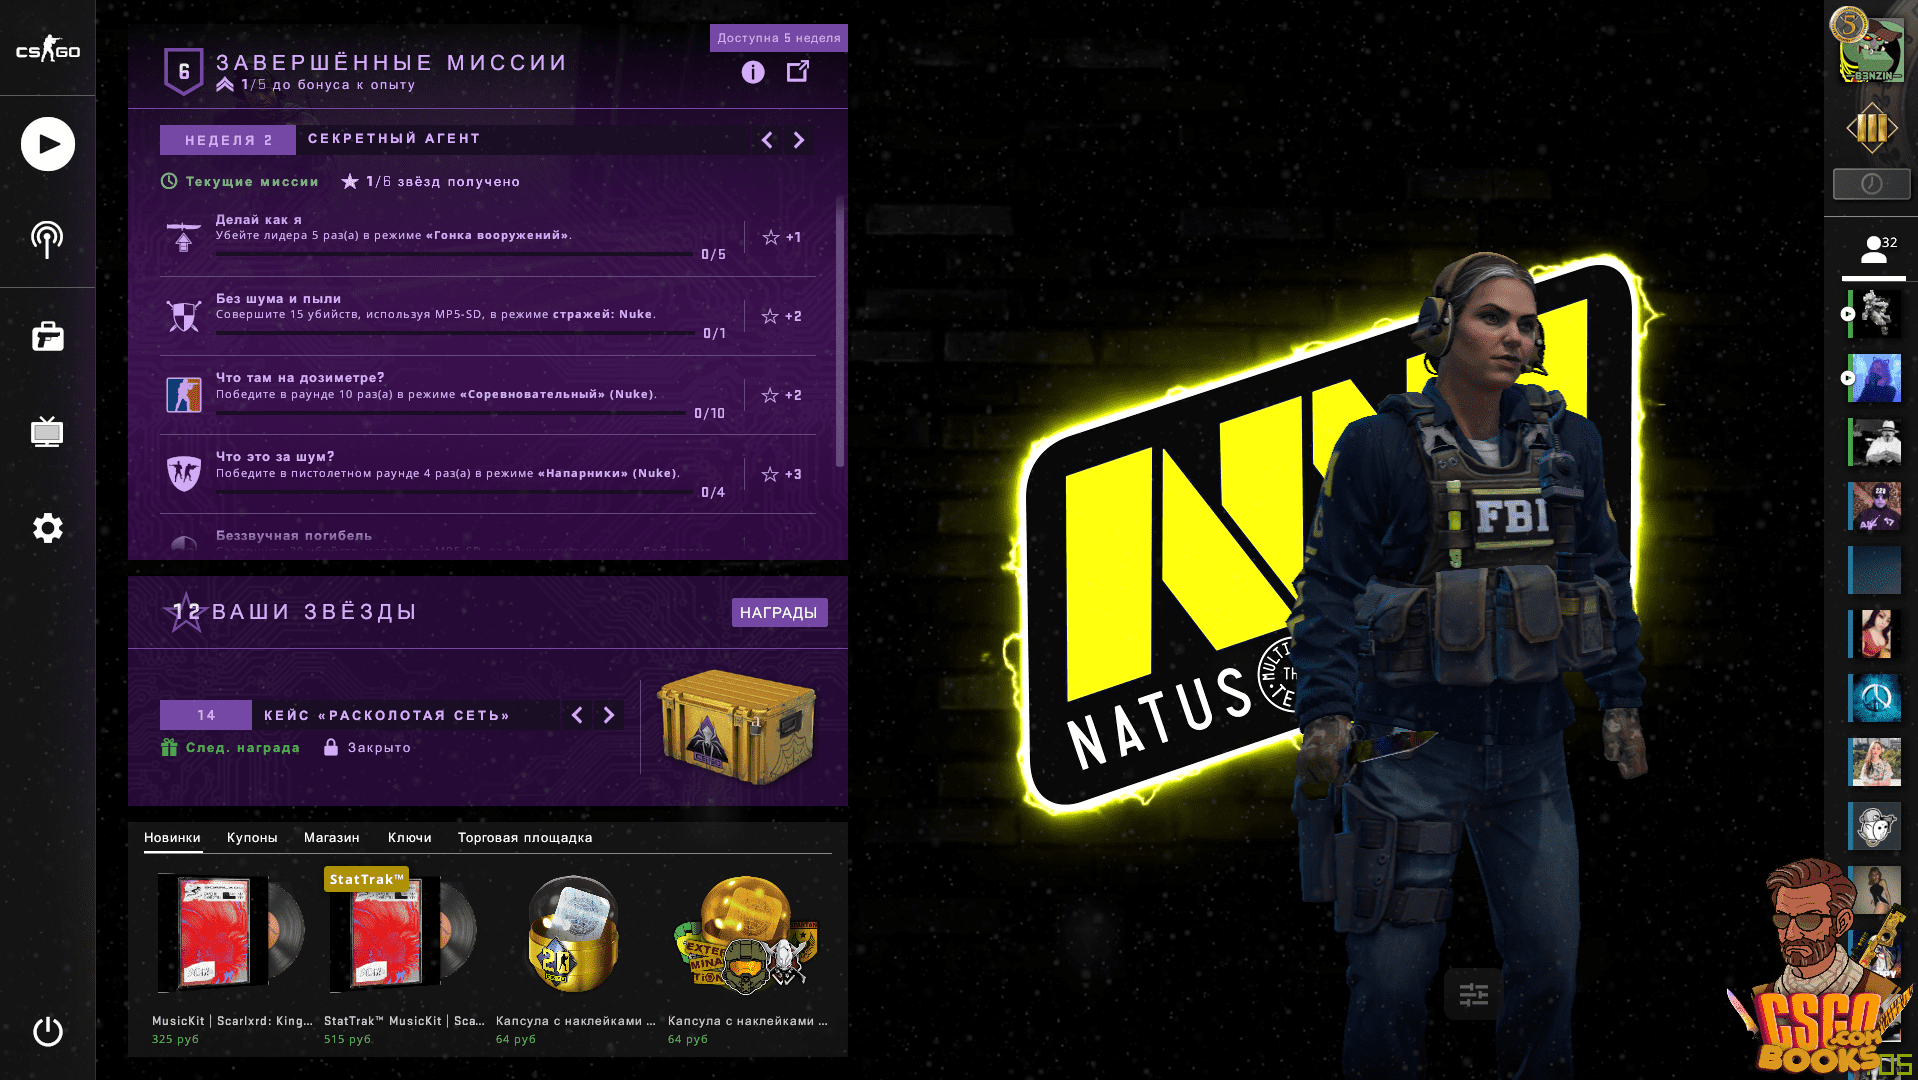 Анимированный фон киберспортивной команды NAVI для главного меню игры ксго Panorama UI